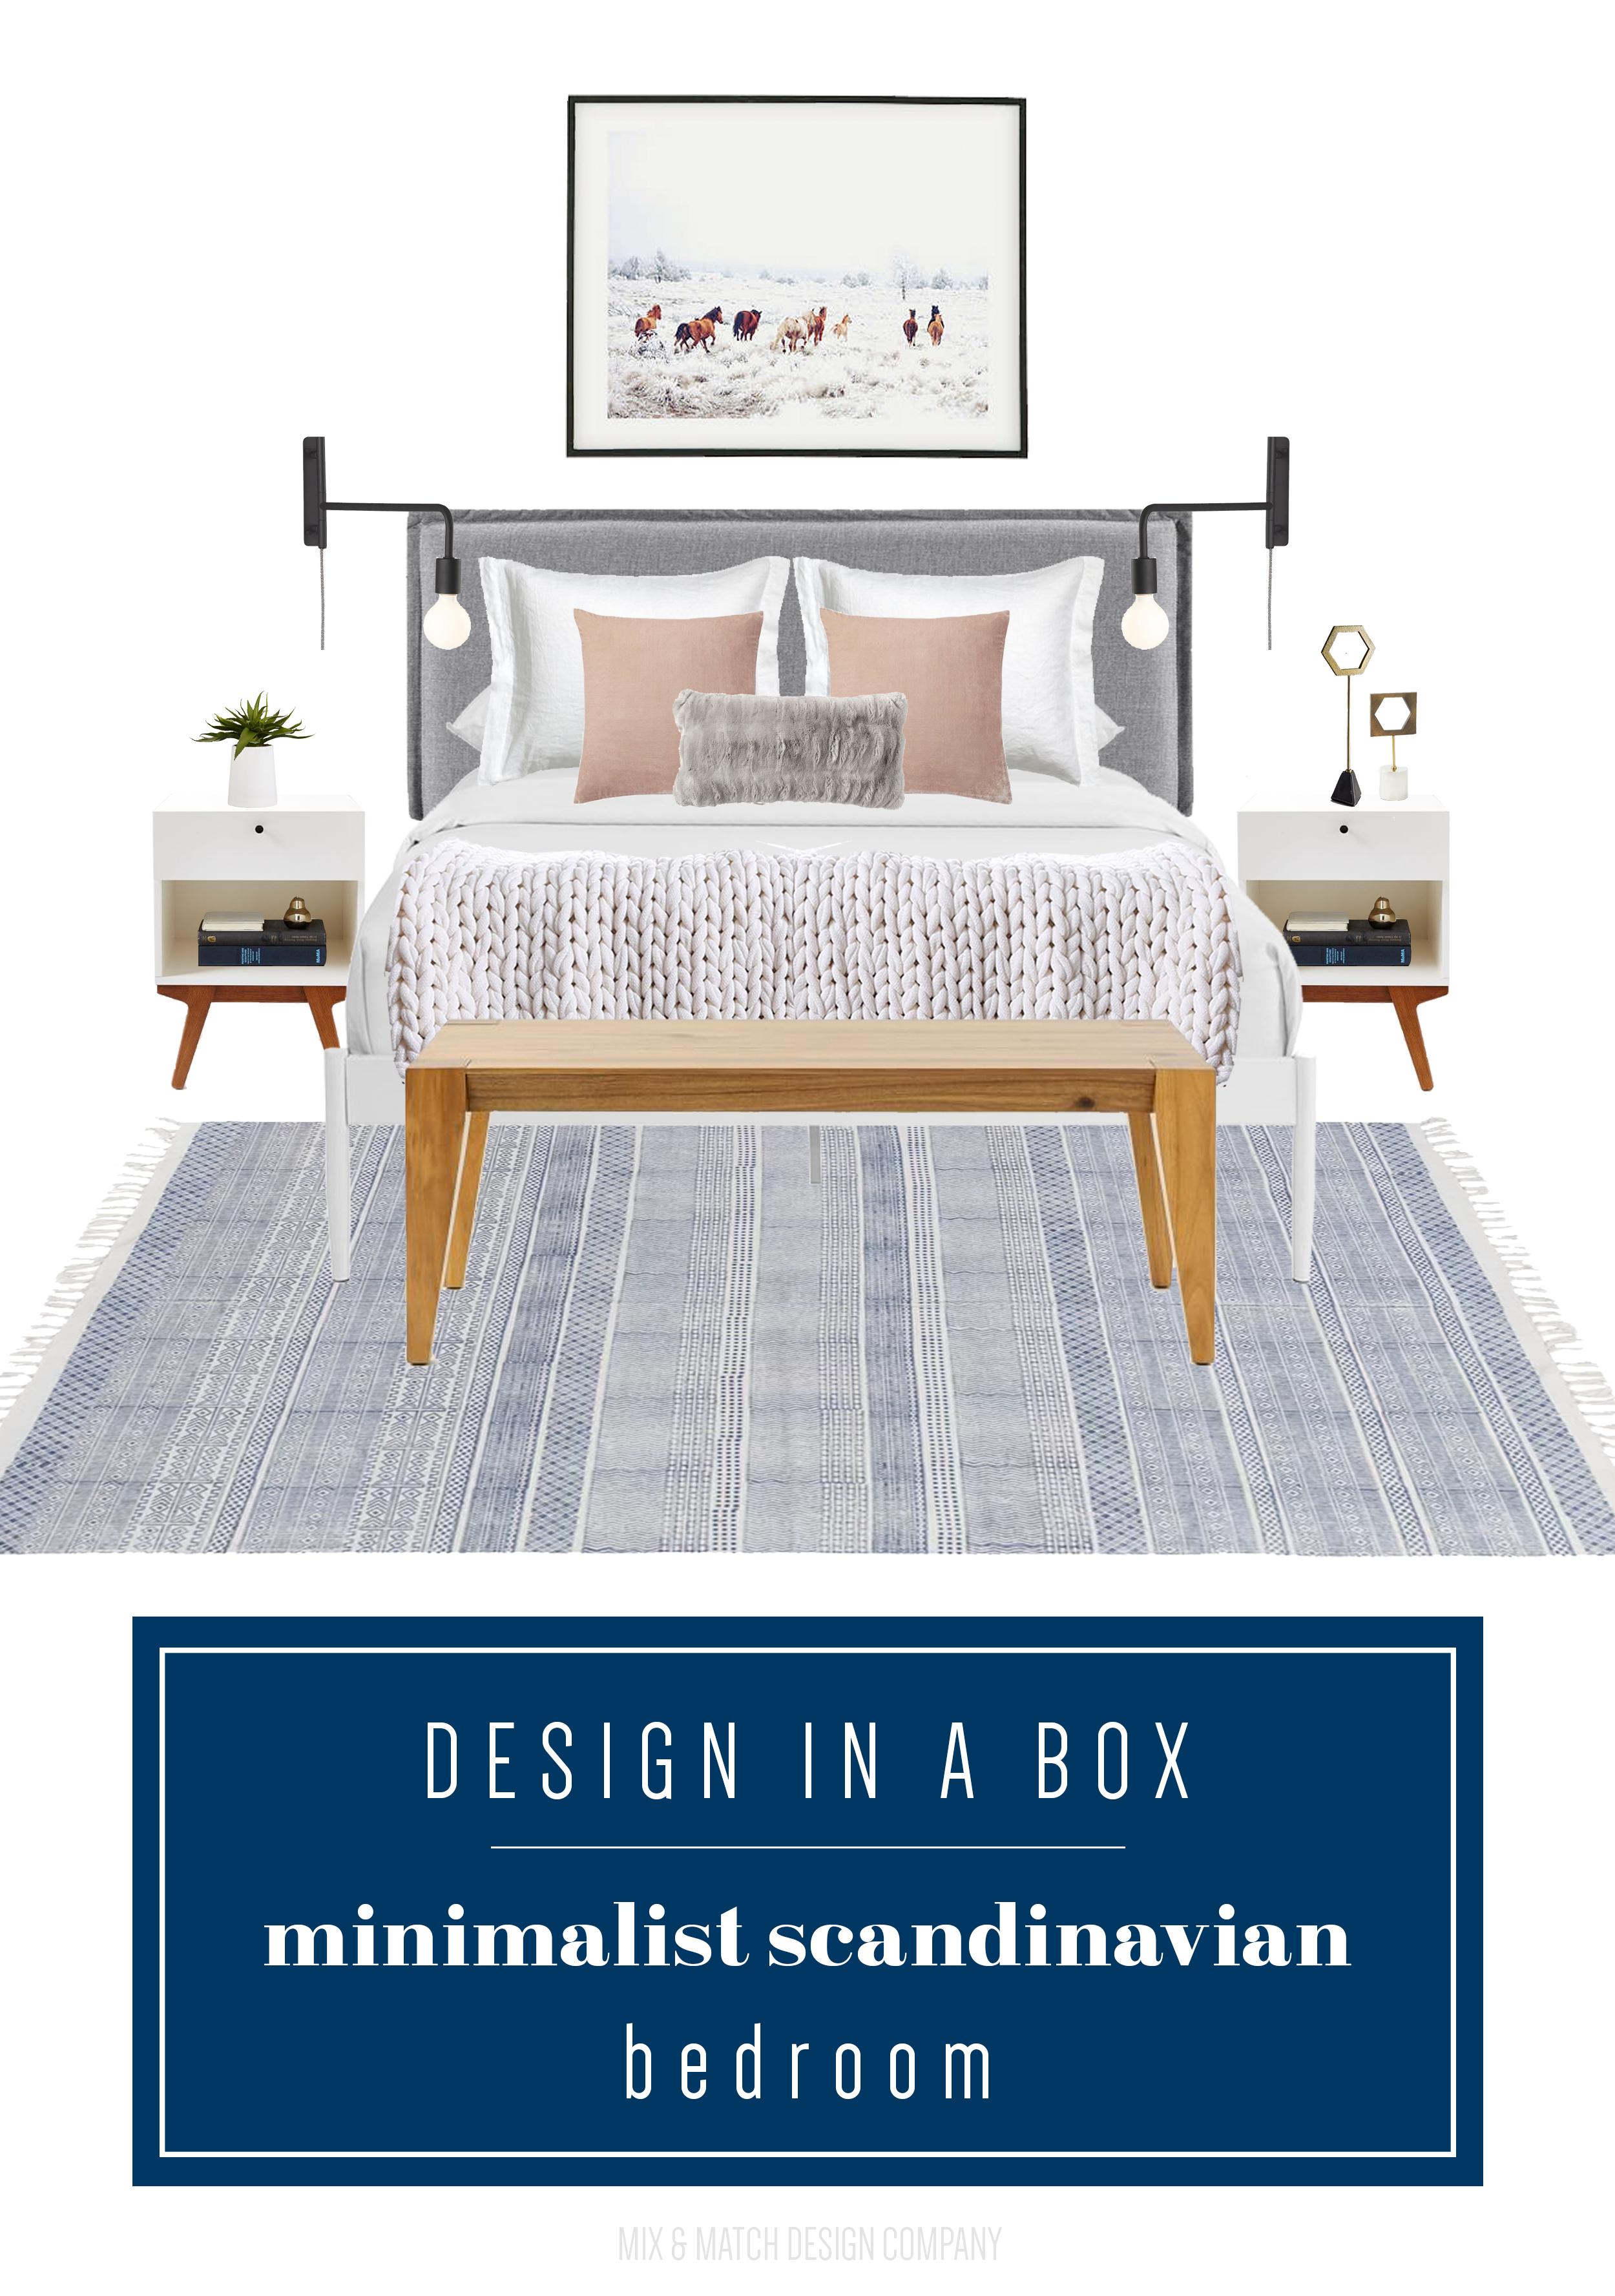 Design In A Box Minimalist Scandinavian Bedroom